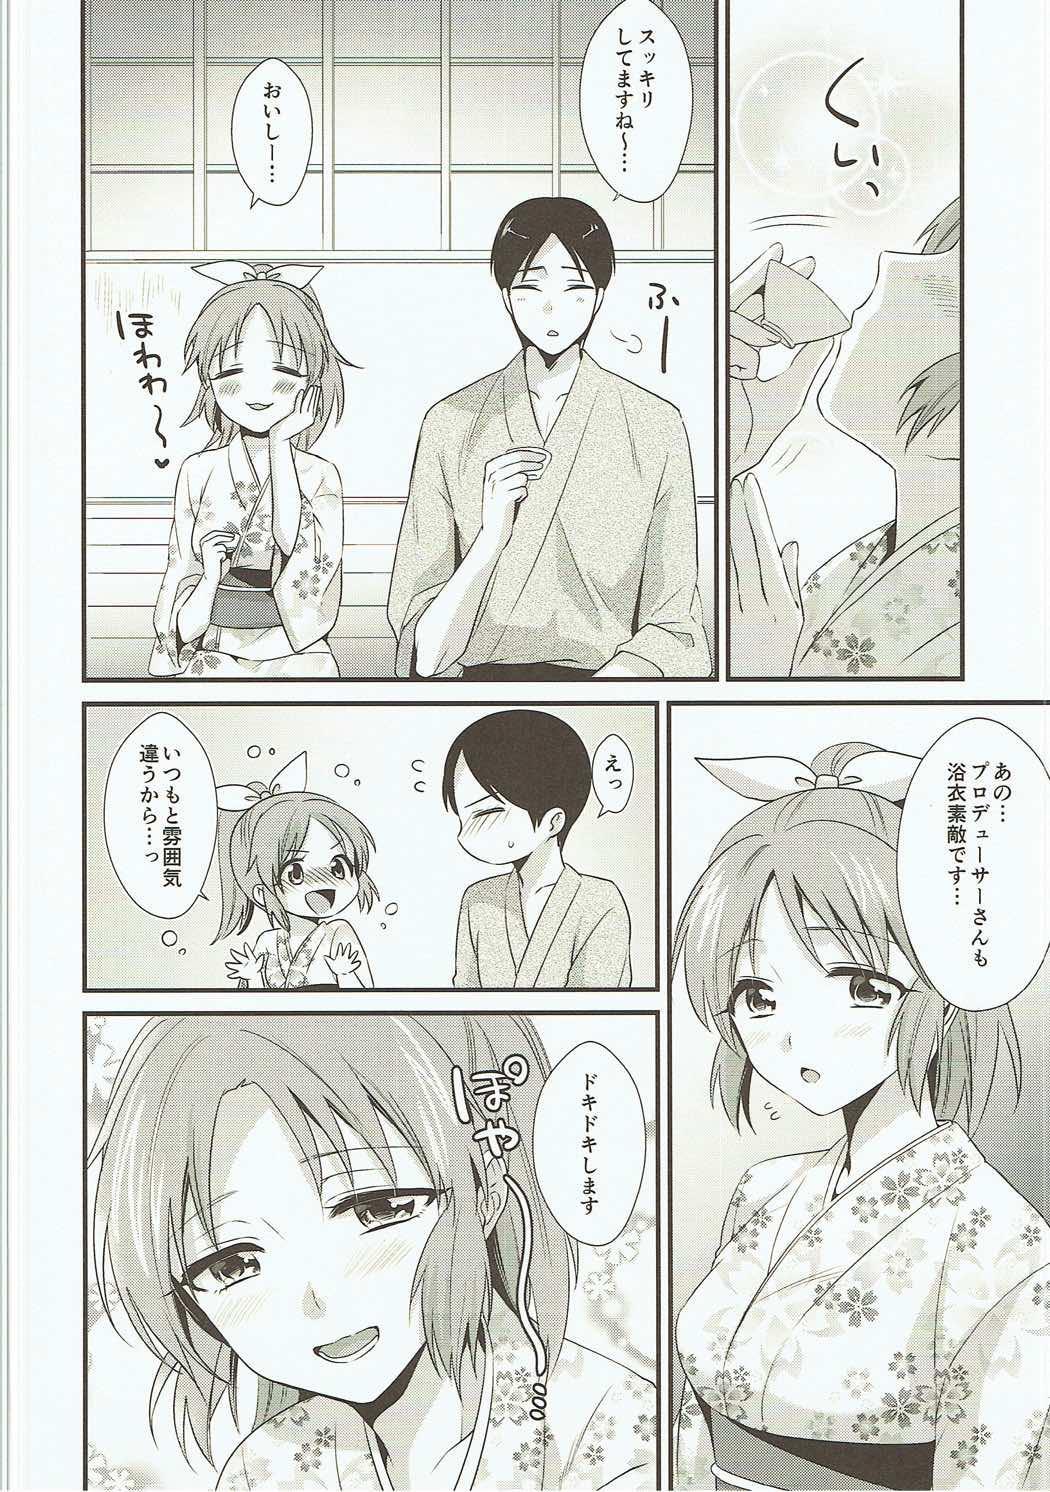 Boku no Nana-san wa Horoyoi Koyoi 6